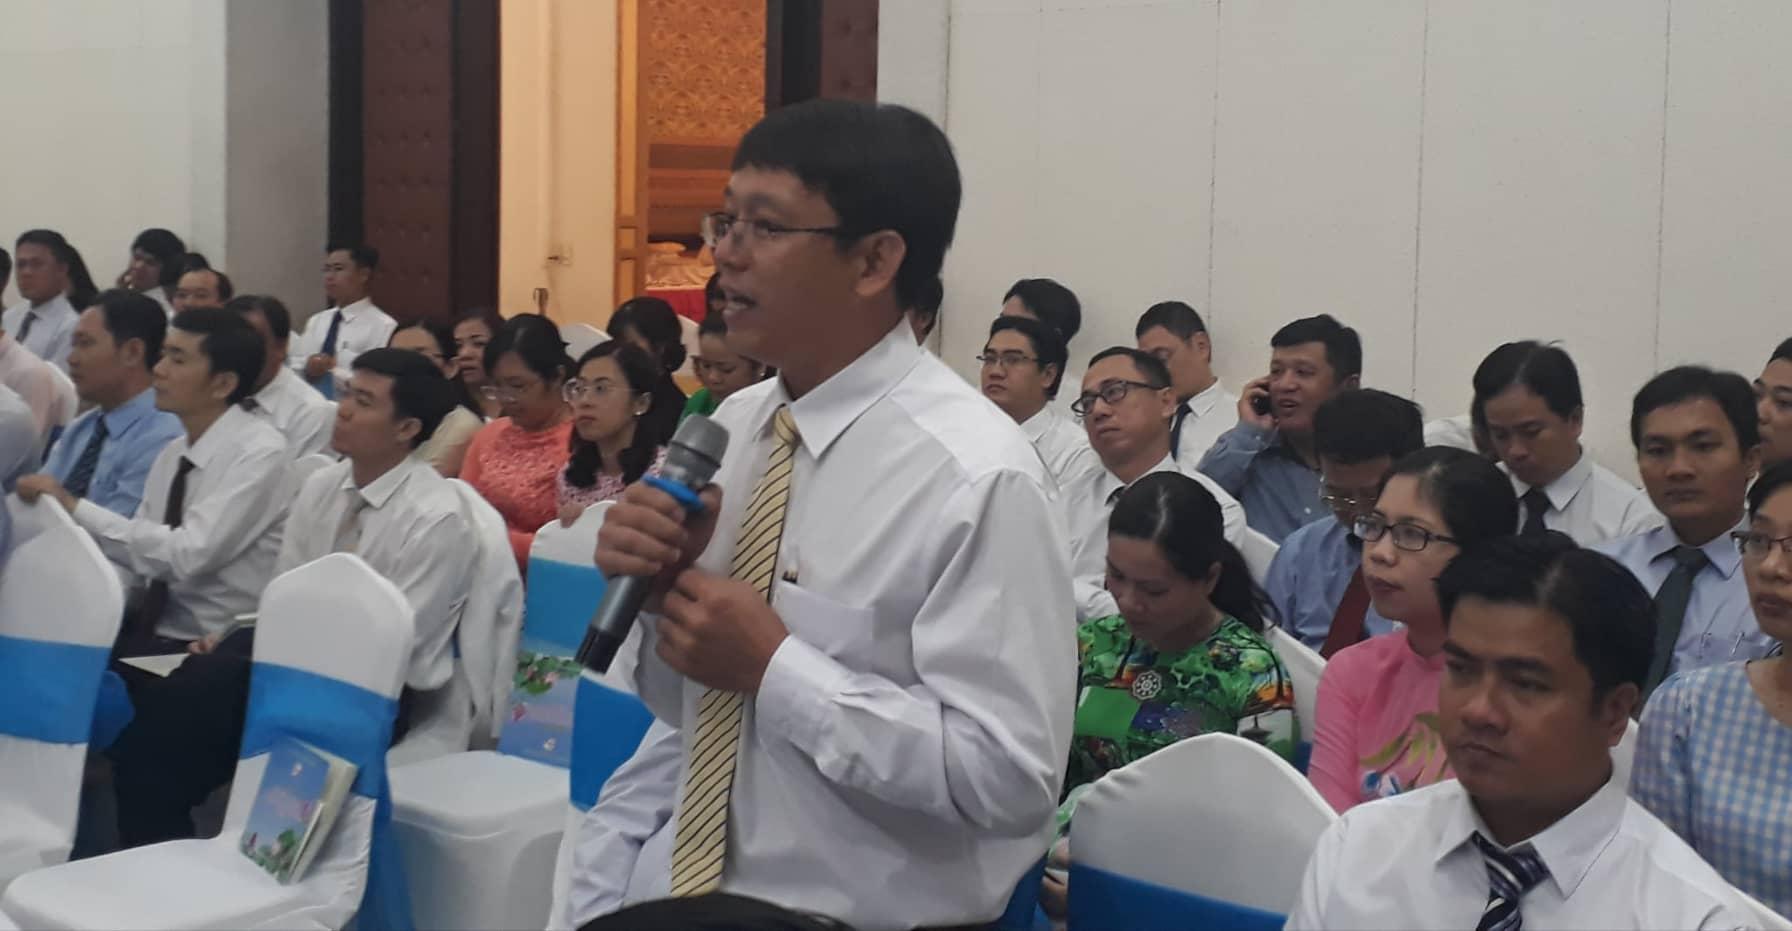 Ông Nguyễn Văn Nam - Chủ tịch xã An Thới Đông, H.Cần giờ tâm tư rất nhiều vấn đề thuộc về H.Cần giờ